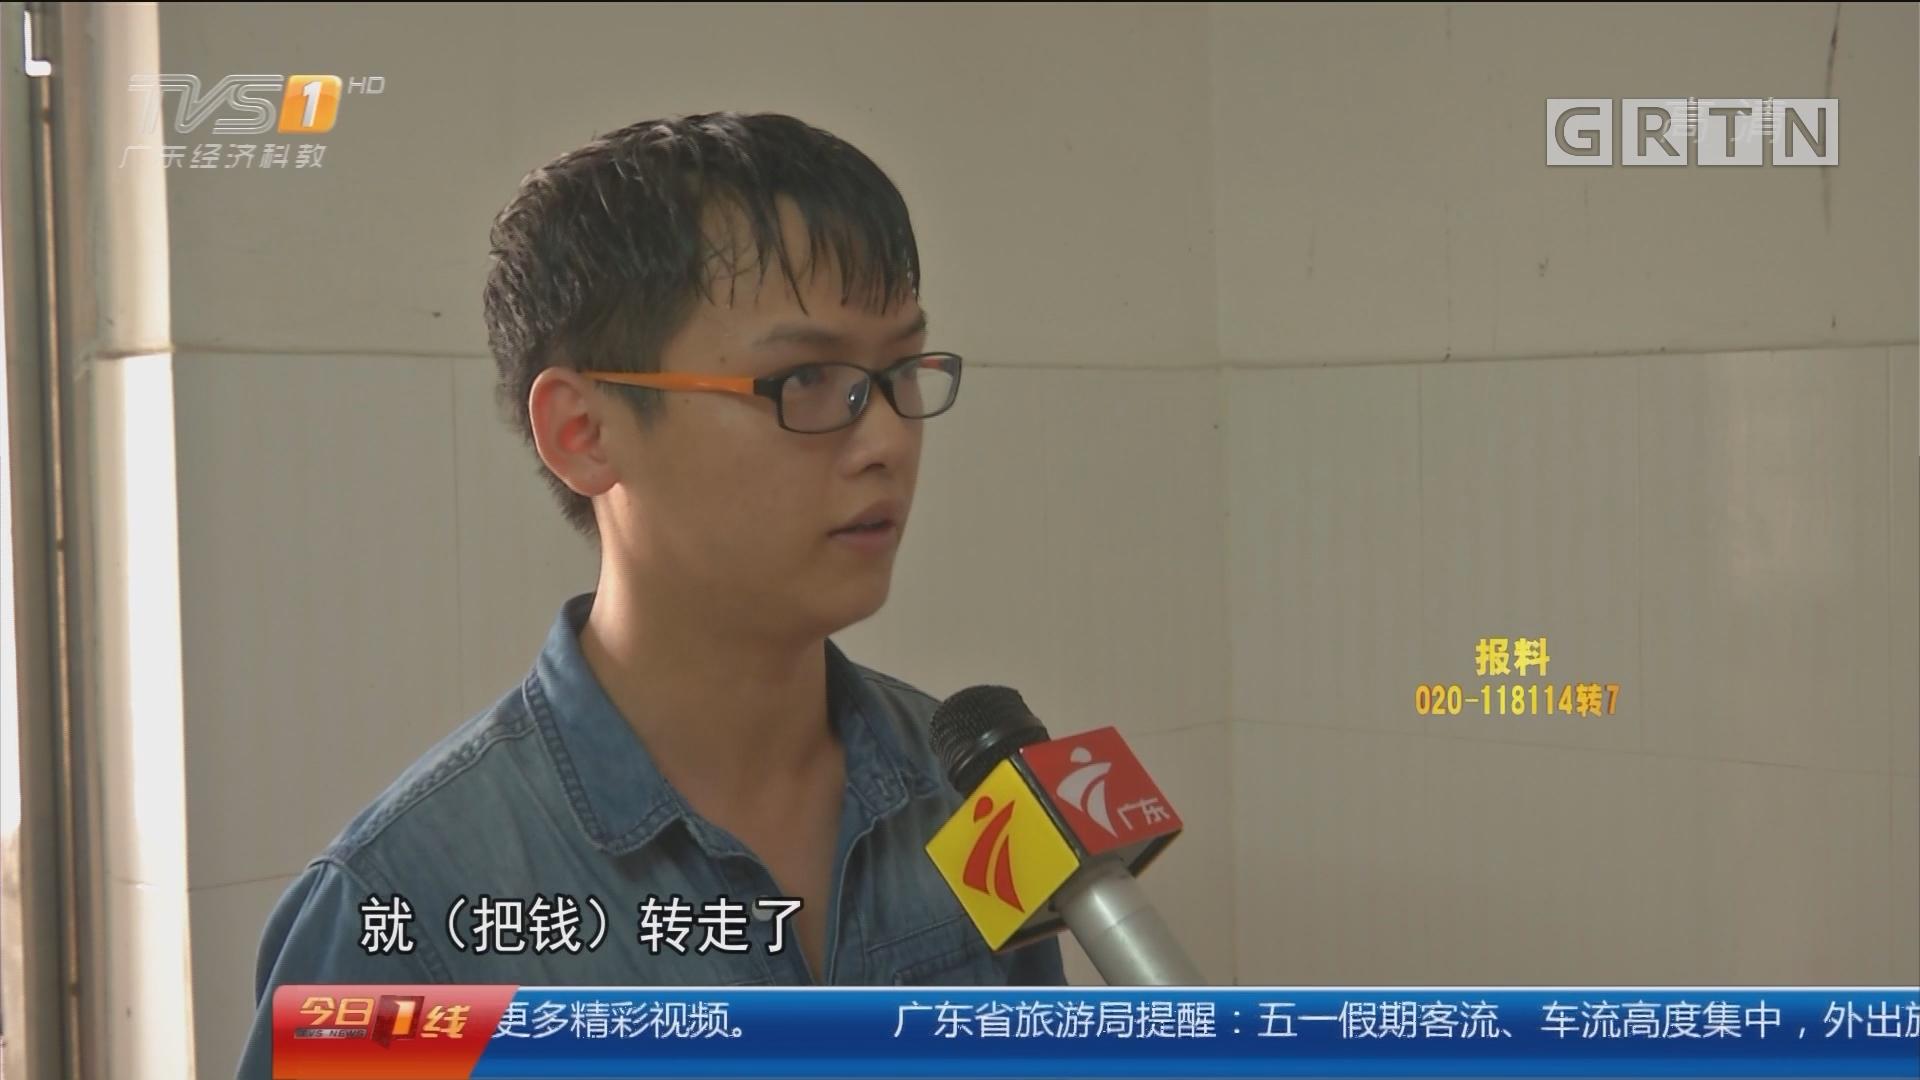 东莞:手机宿舍里被盗 余额宝被转走两万